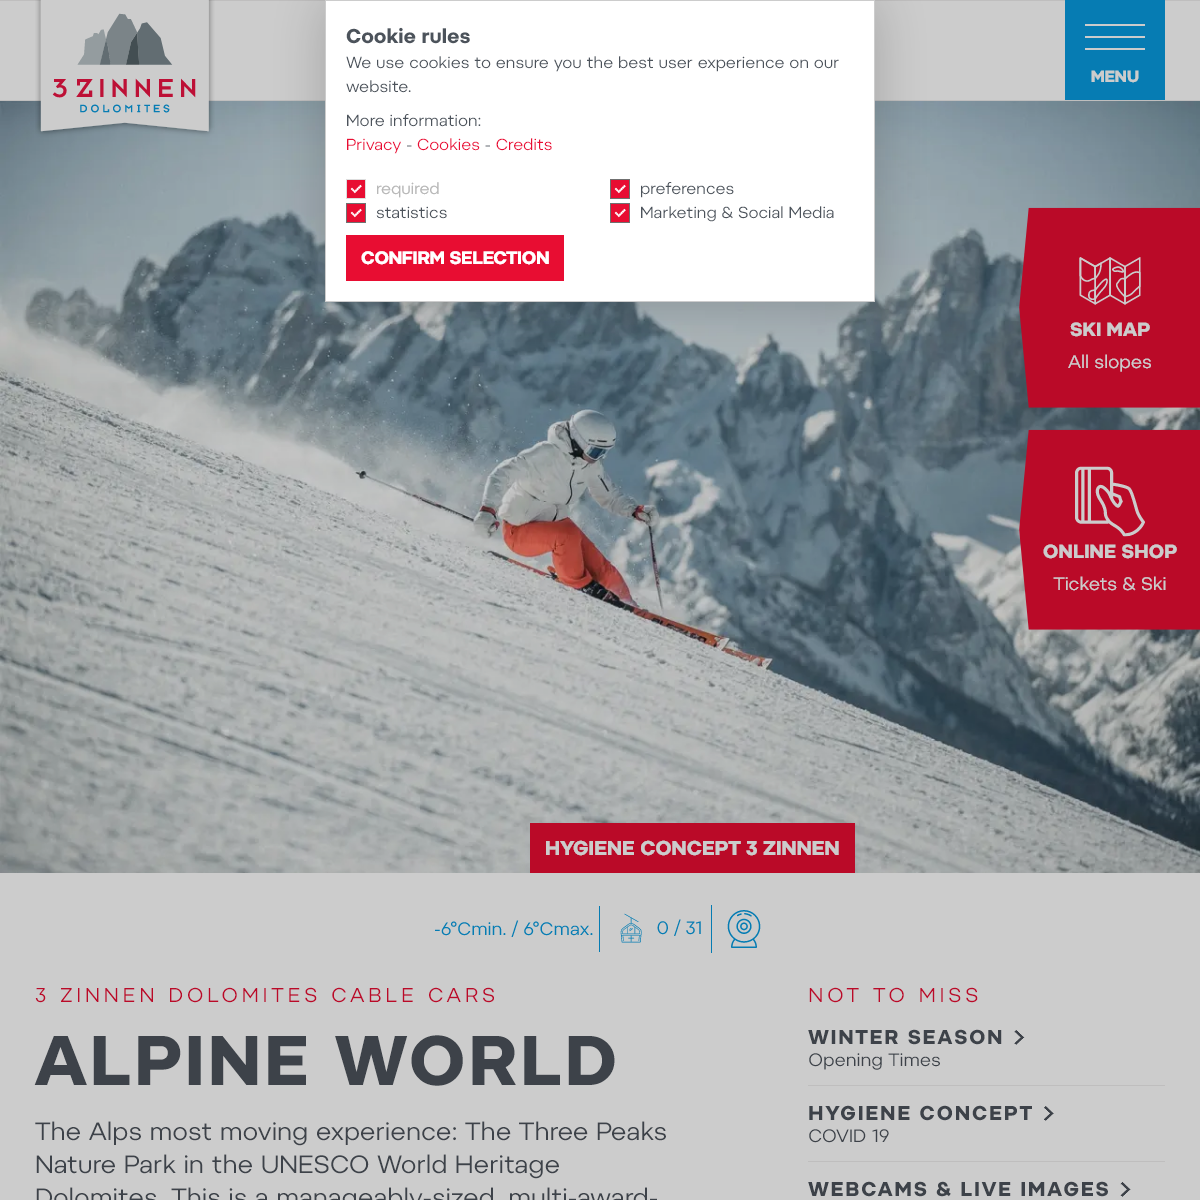 Ski Dolomites Three Peaks Dolomites (f.k.a. Sesto Dolomites)